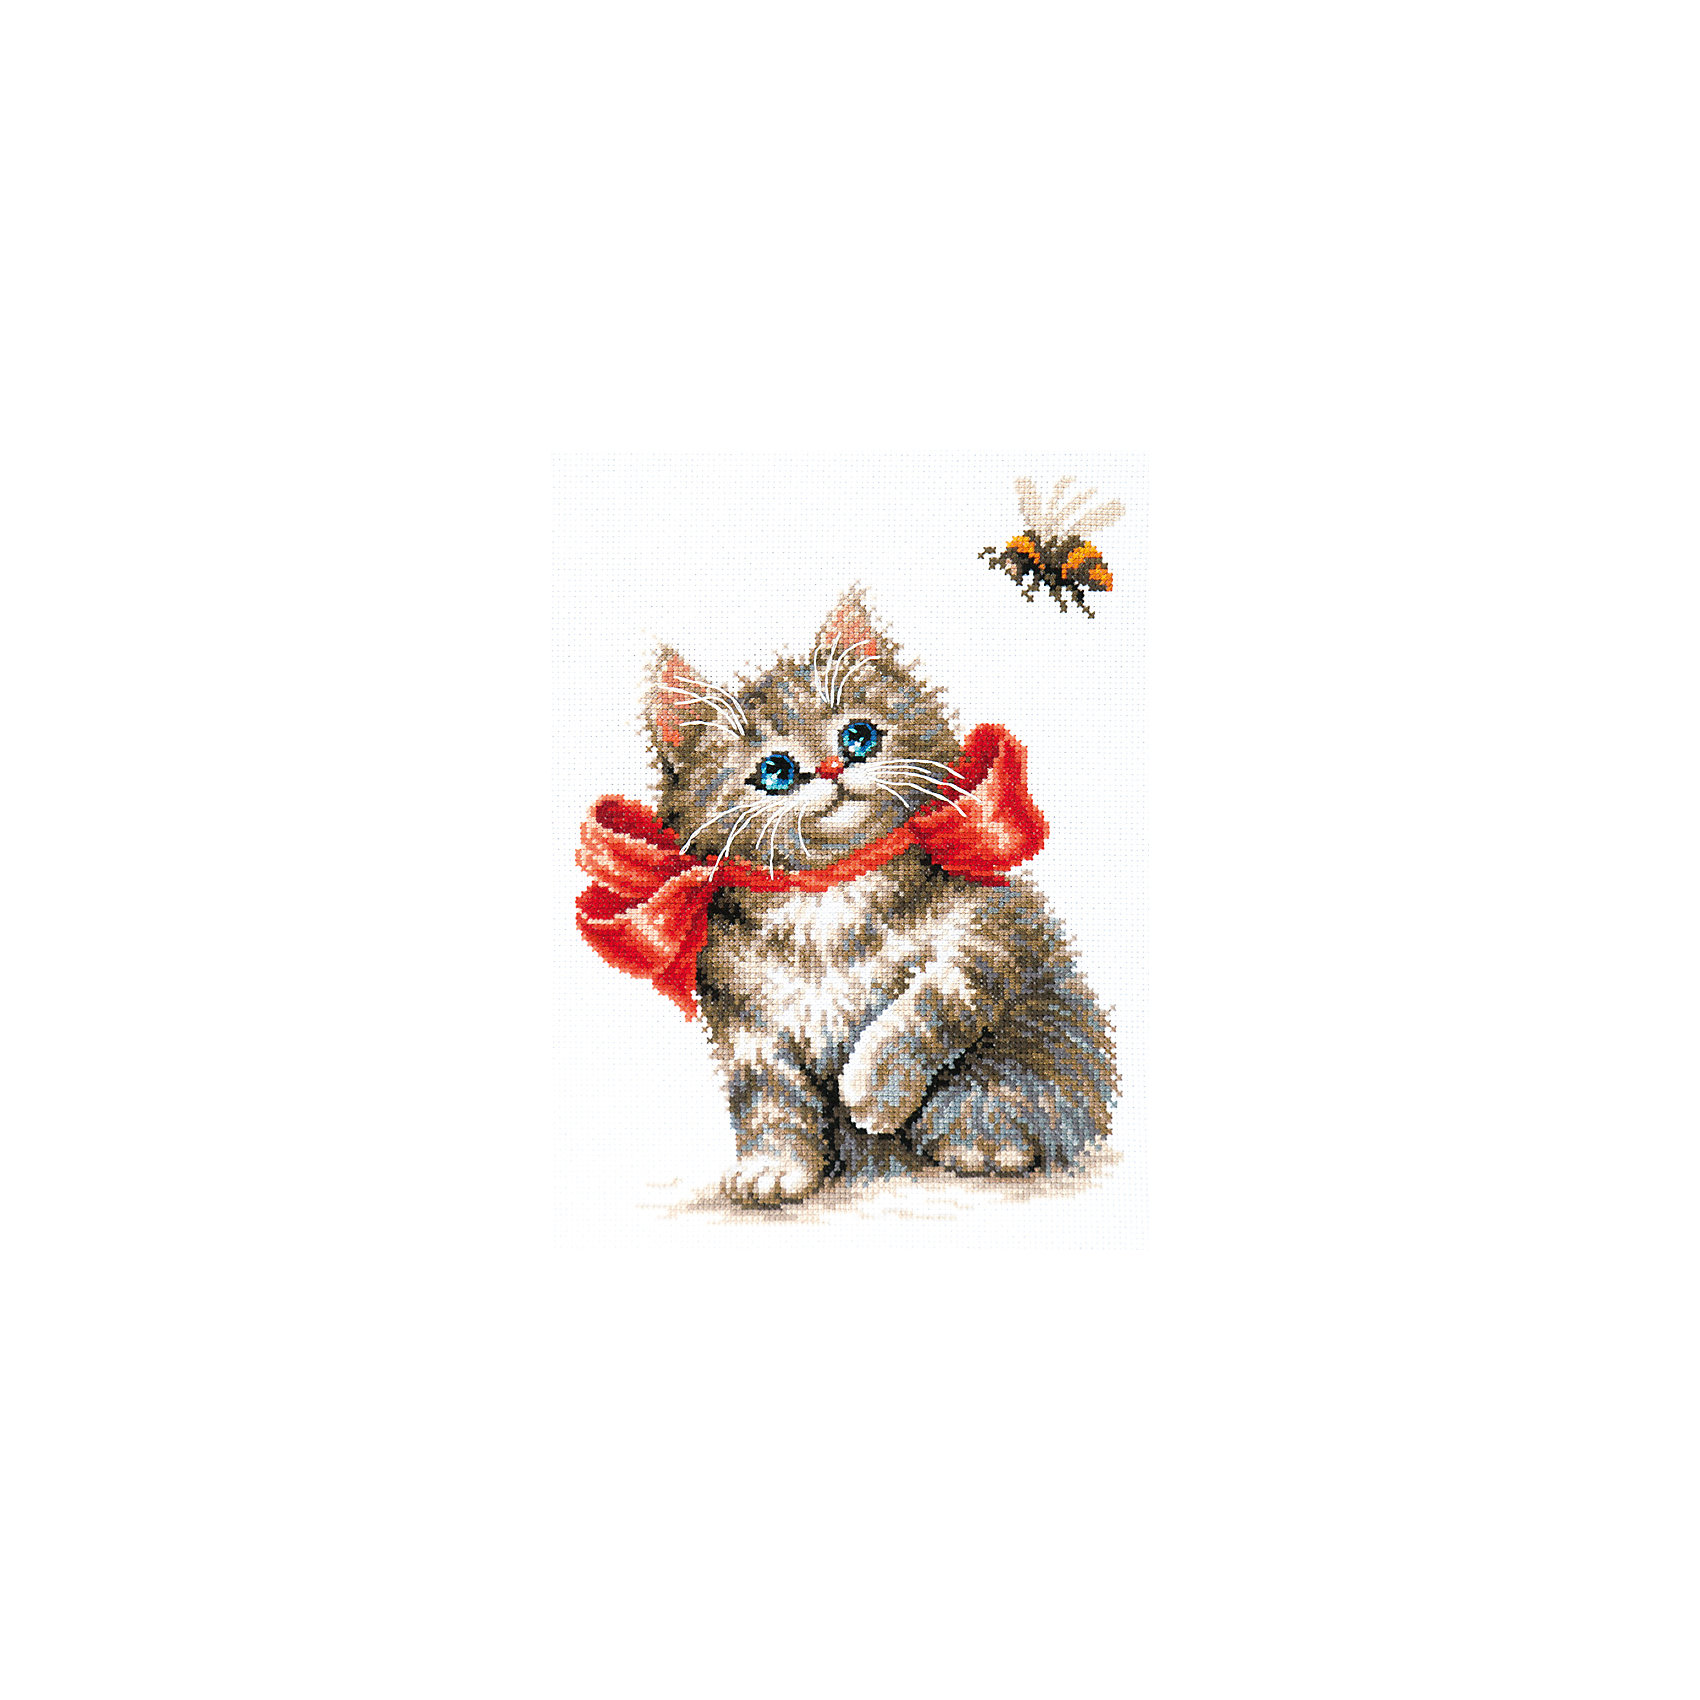 Чудесная игла Набор для вышивания крестом «Неподдельный интерес!» набор для вышивания крестом luca s дневной котенок 5 5 х 10 см